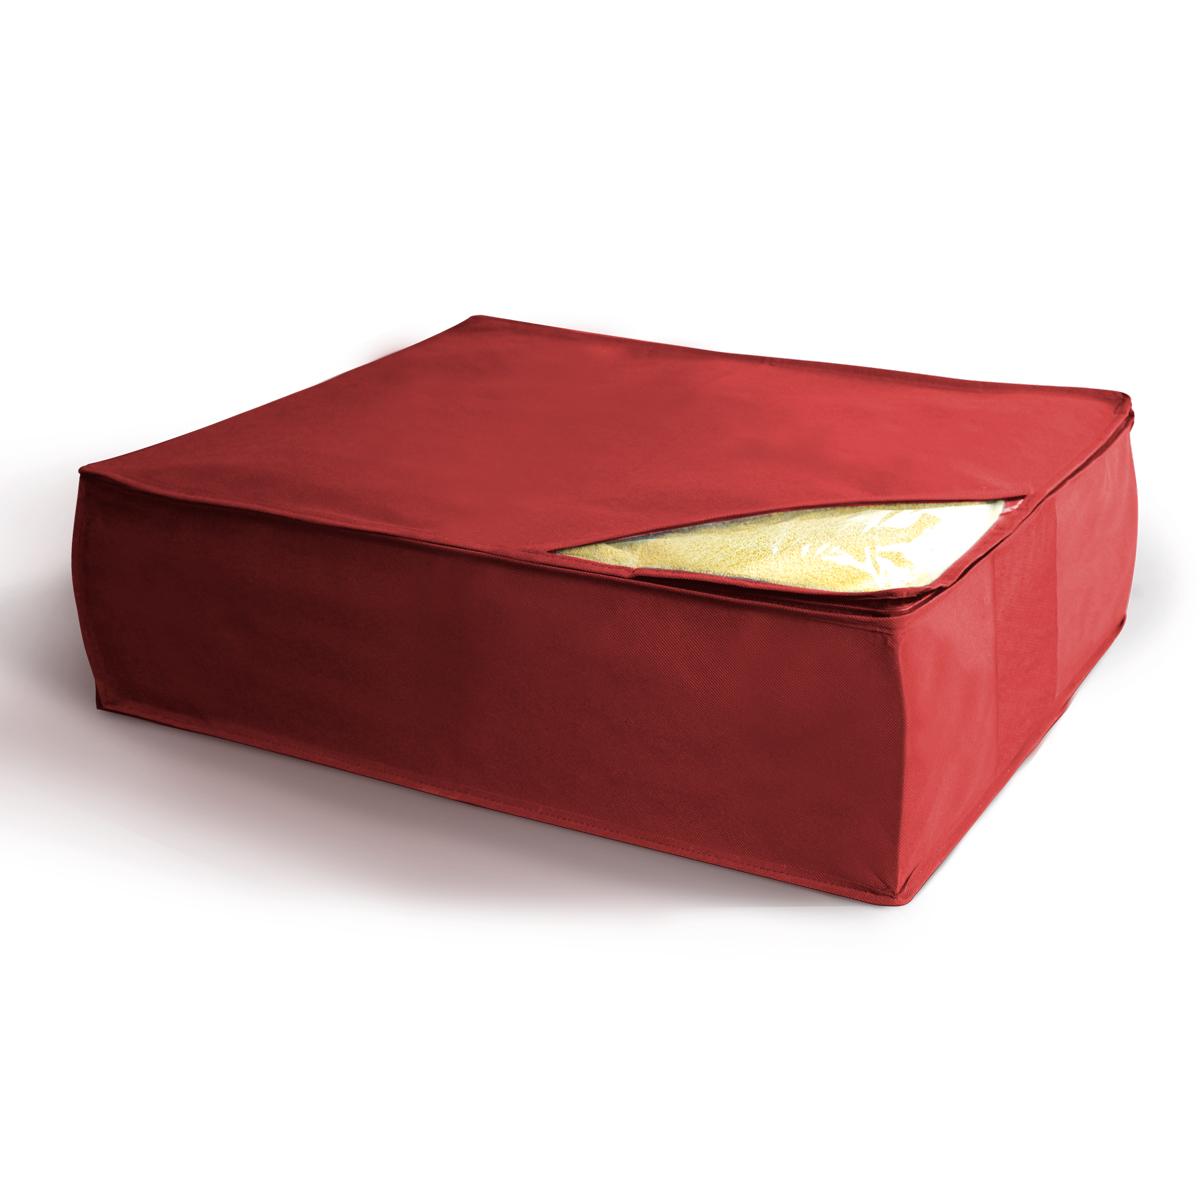 Кофр для хранения Miolla, складной, цвет: бордовый, 50 х 58 х 19 смCHL-5-2Компактный складной кофр Miolla для хранения одеял, подушек и пледов изготовлен из высококачественногонетканого материала, которыйобеспечивает естественную вентиляцию, позволяя воздуху проникать внутрь,но не пропускает пыль. Изделие закрывается на молнию. Размер кофра (в собранном виде): 50 x 58 x 19 см.